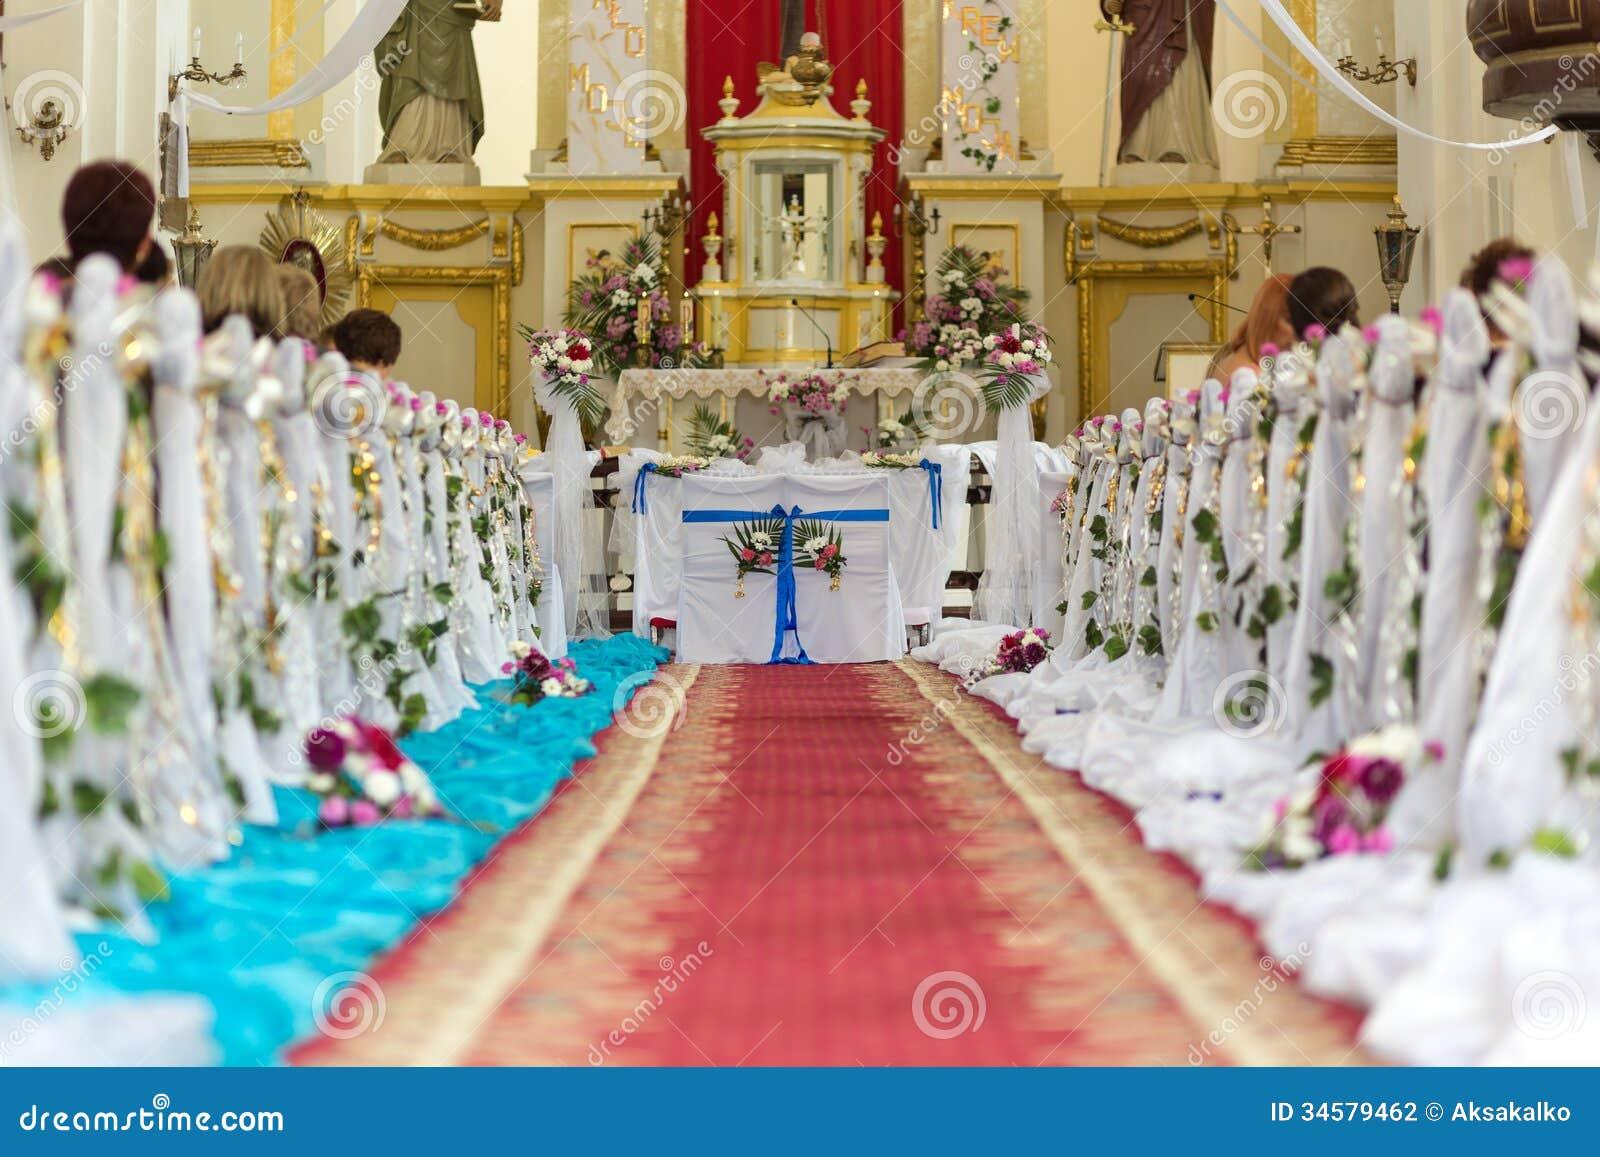 Церковь готова для свадебной церемонии